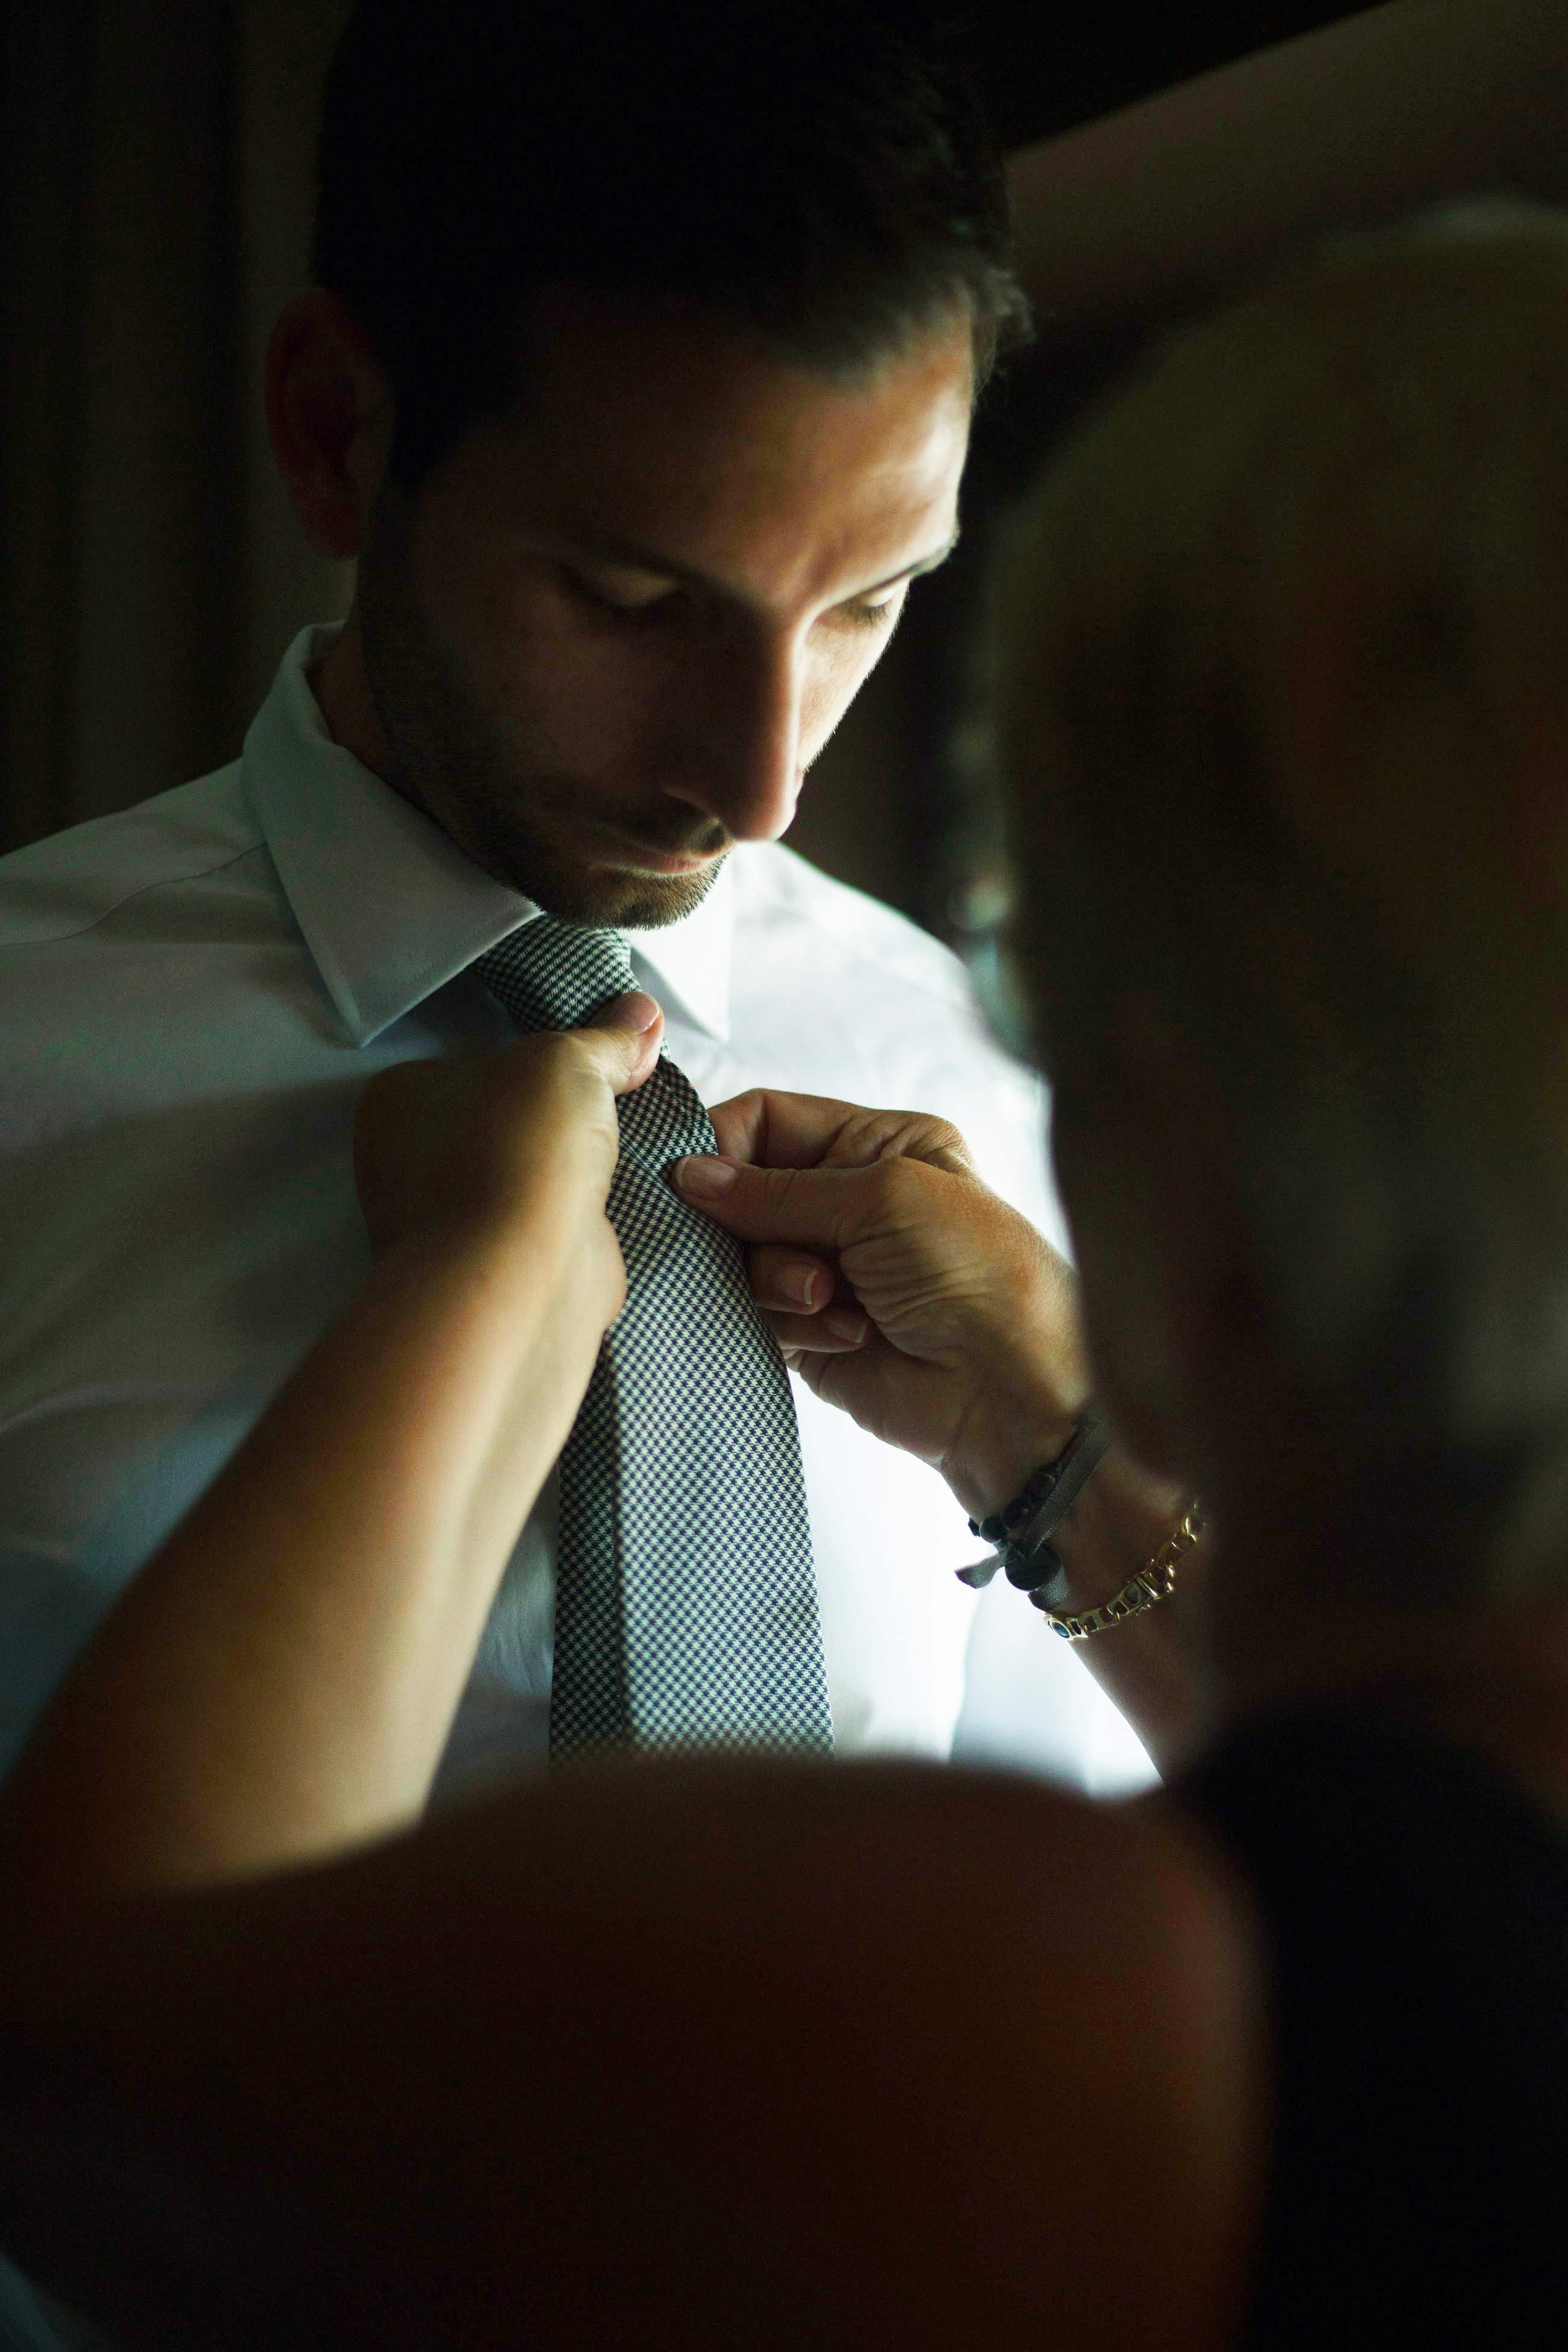 lea-jeremie-mariage-tel-aviv-israel-photographe-paris-video27